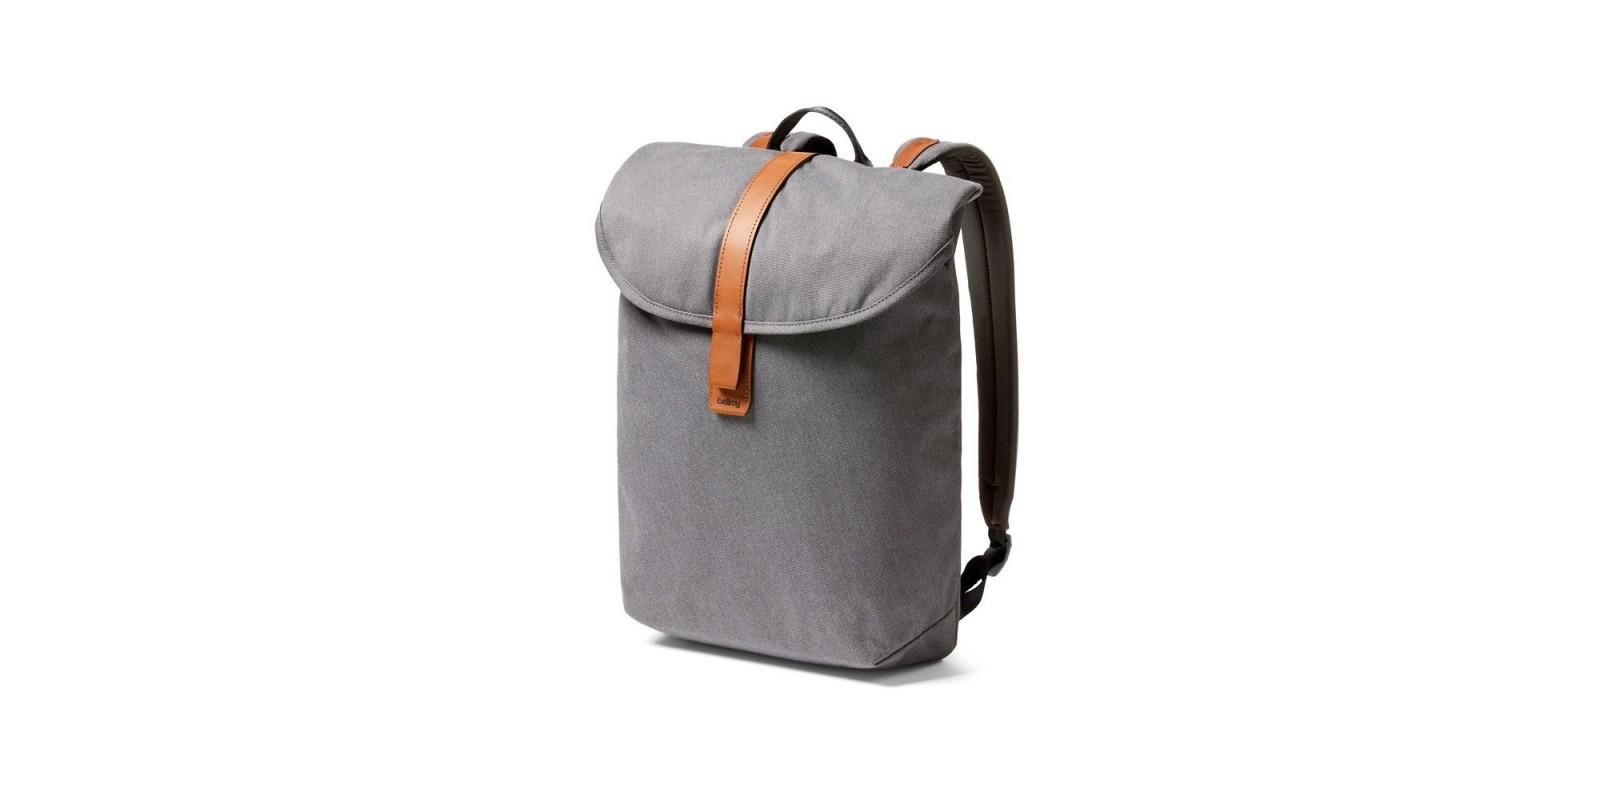 Bellroy Slim Backpack – Mid Grey